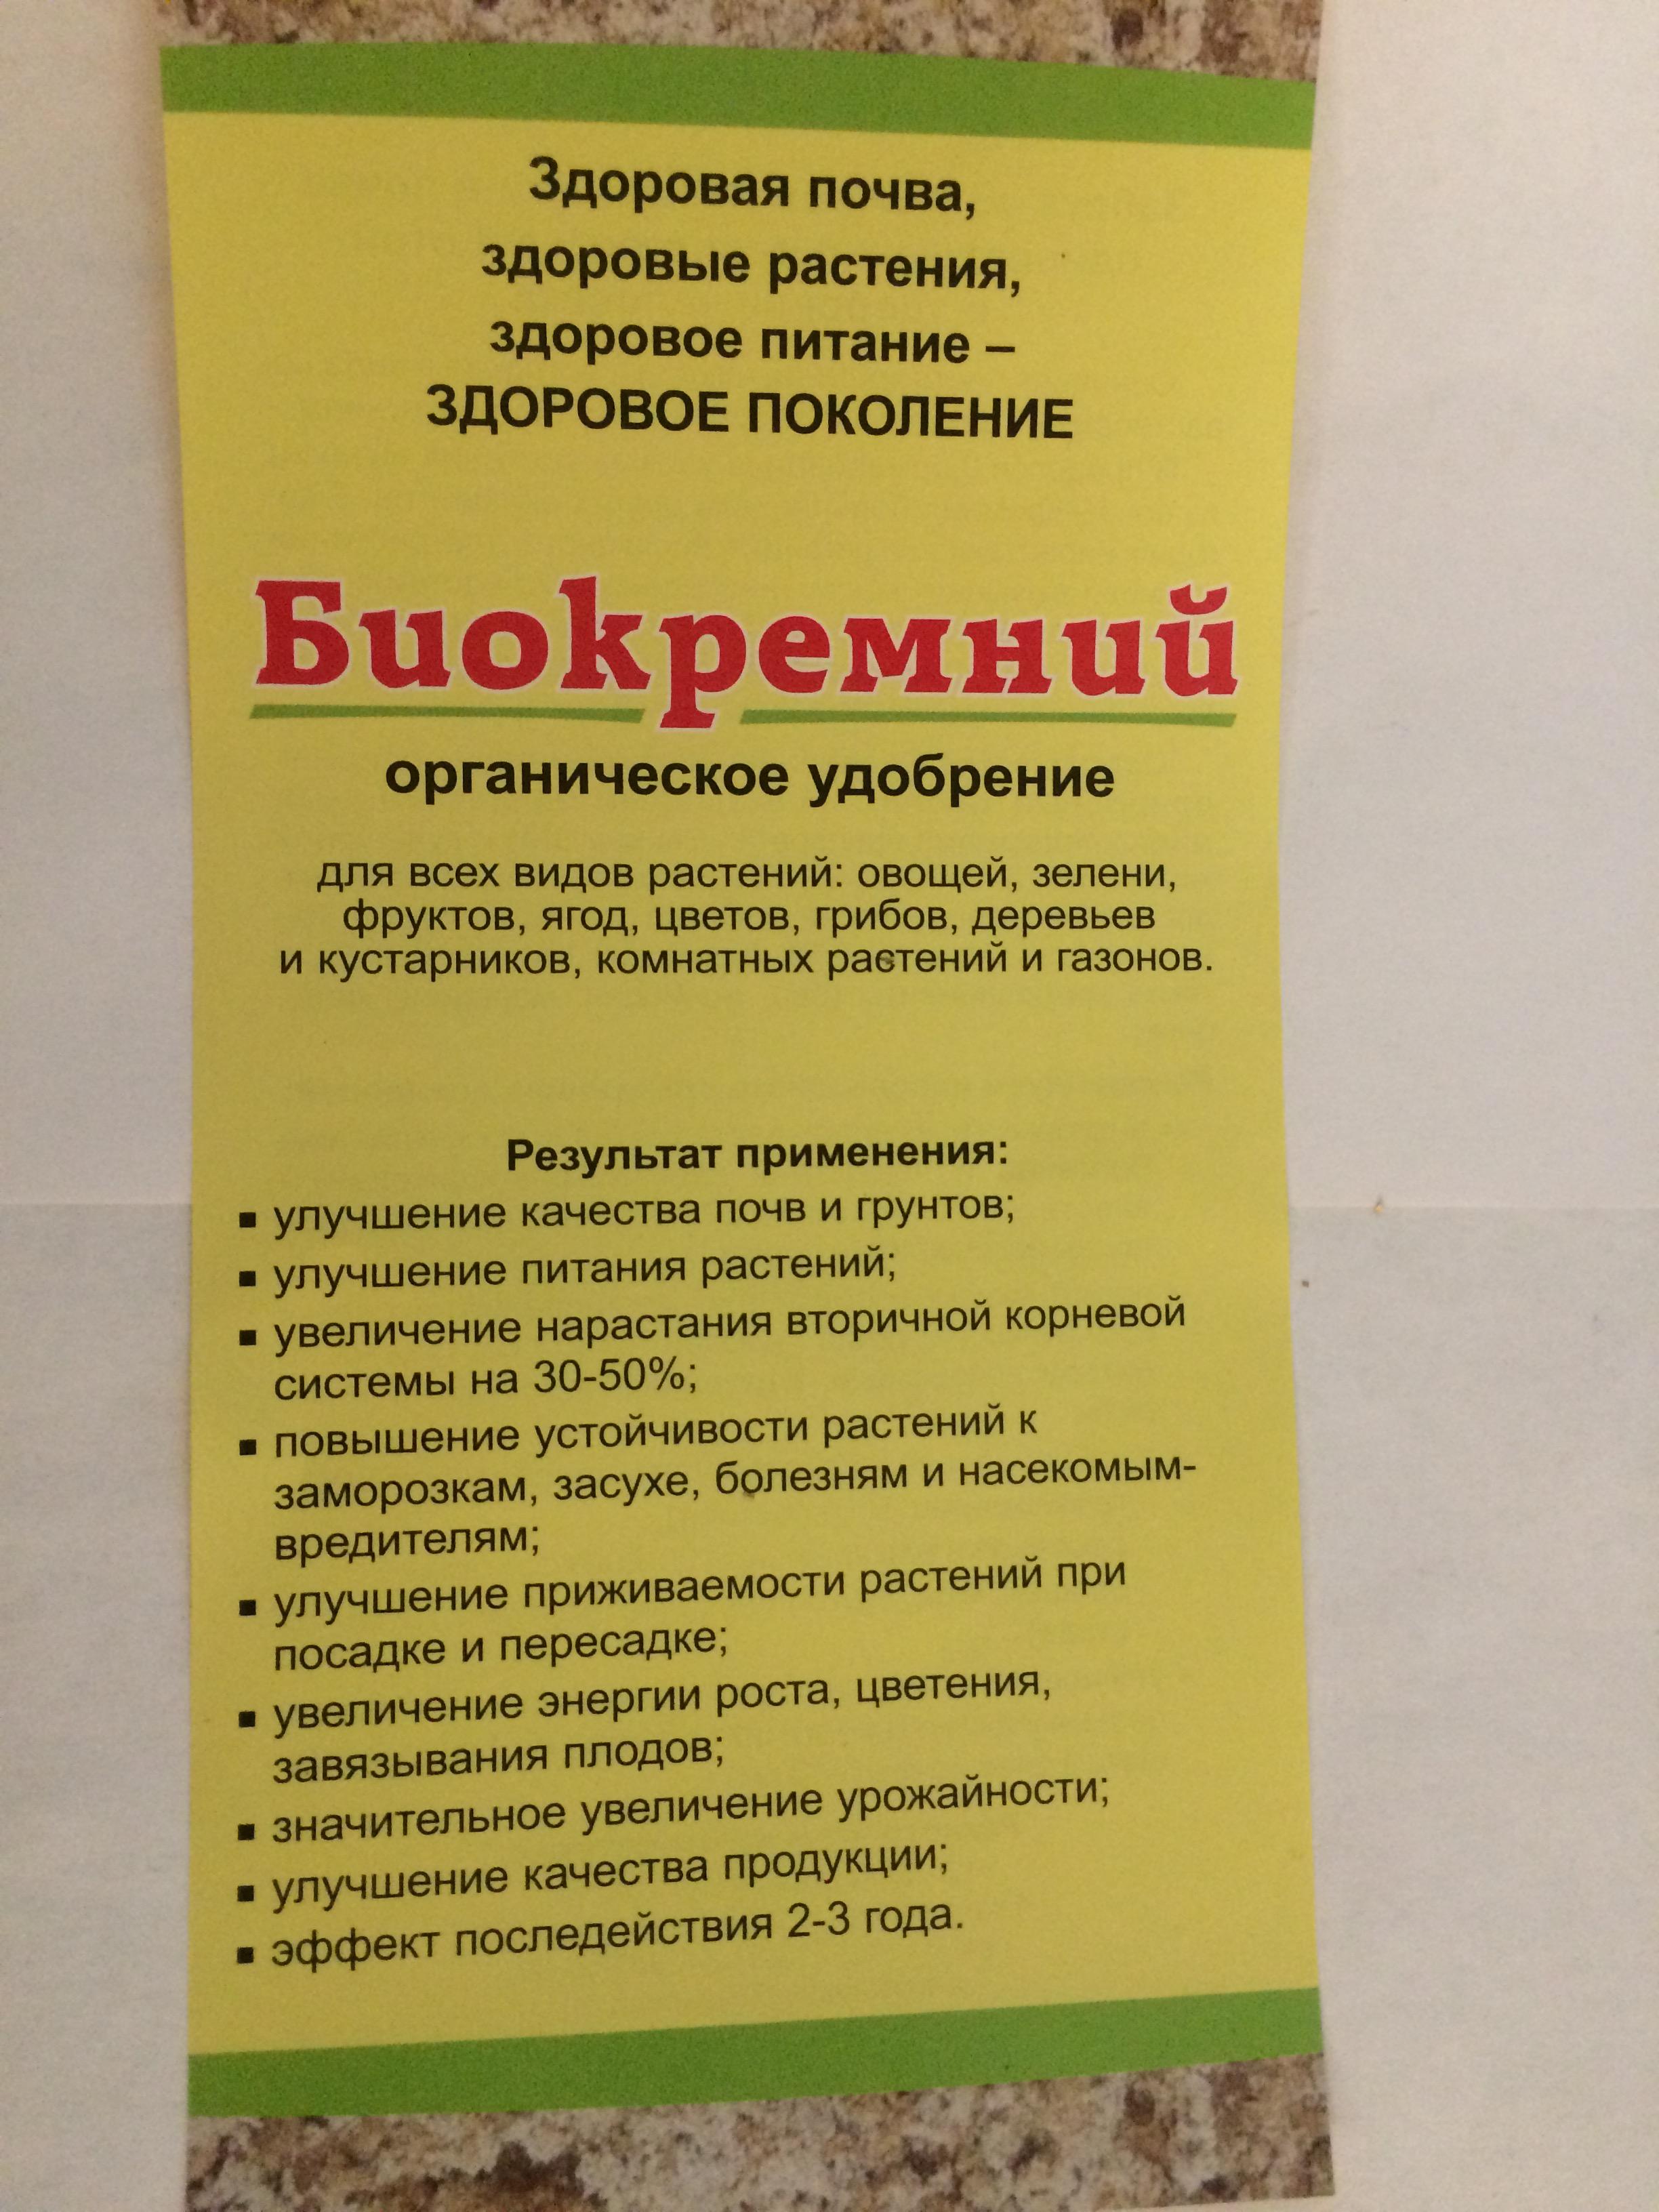 biokremnij